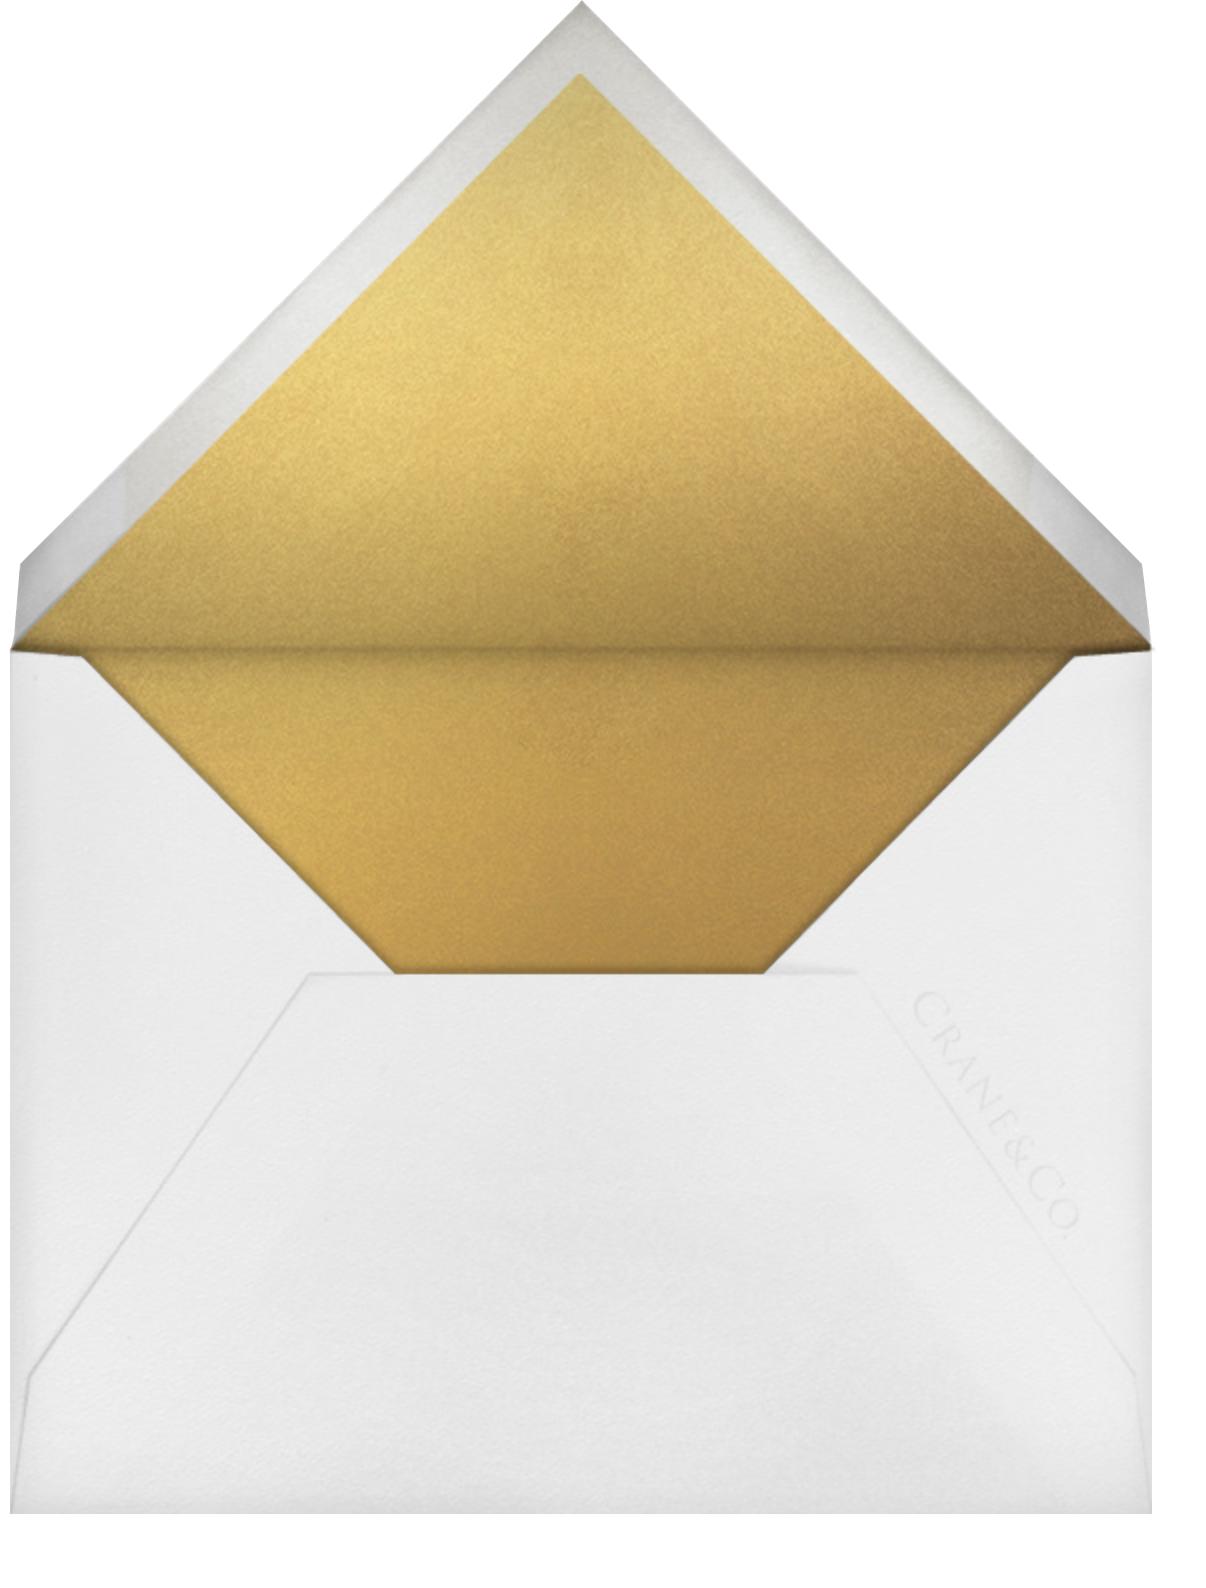 Winter Sprig I - Gold - Paperless Post - Holiday cards - envelope back